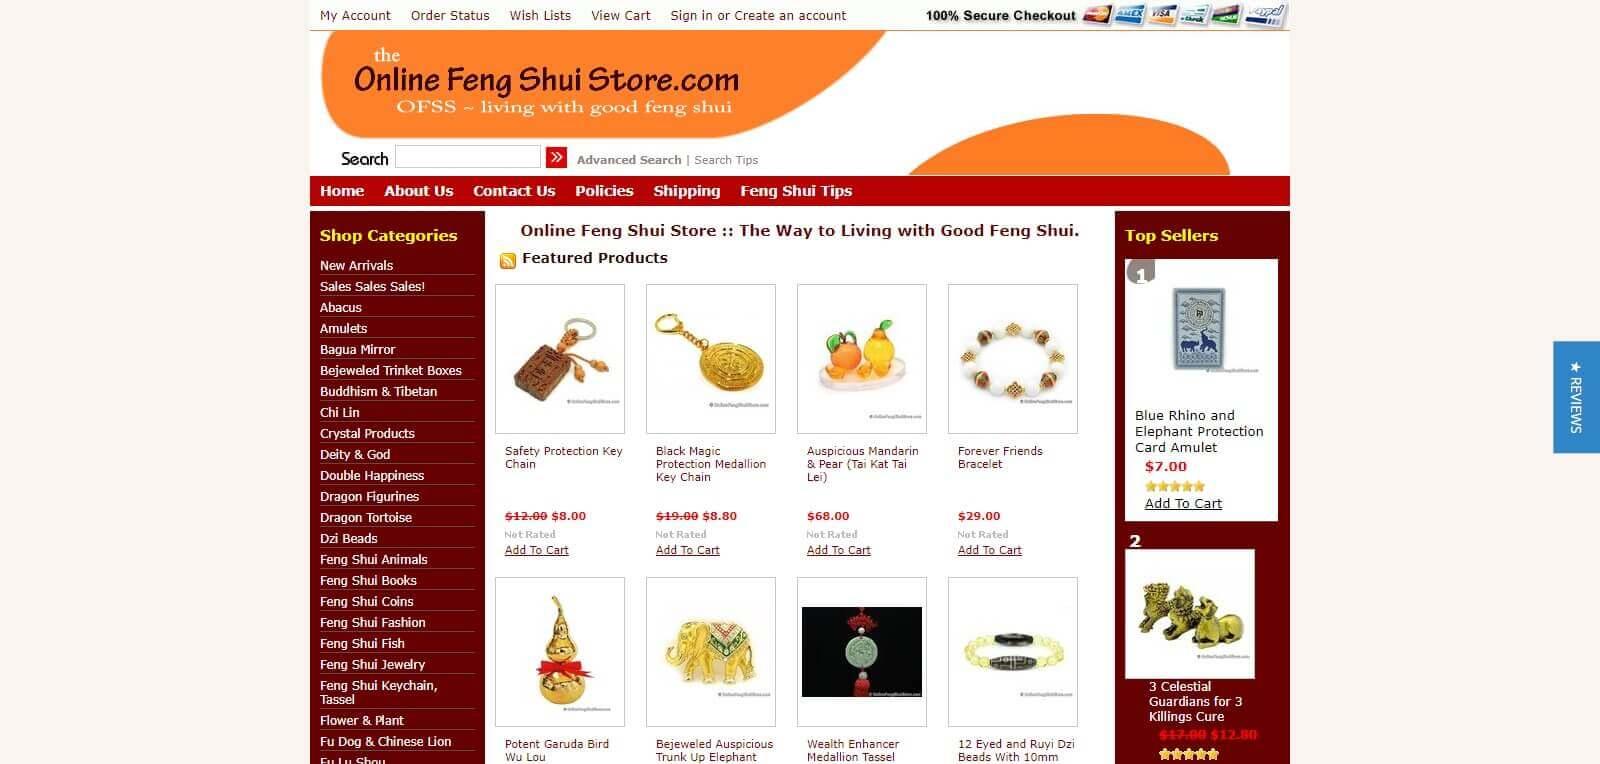 Kinh doanh hiệu quả hơn khi thiết kế website bán hàng phong thủy